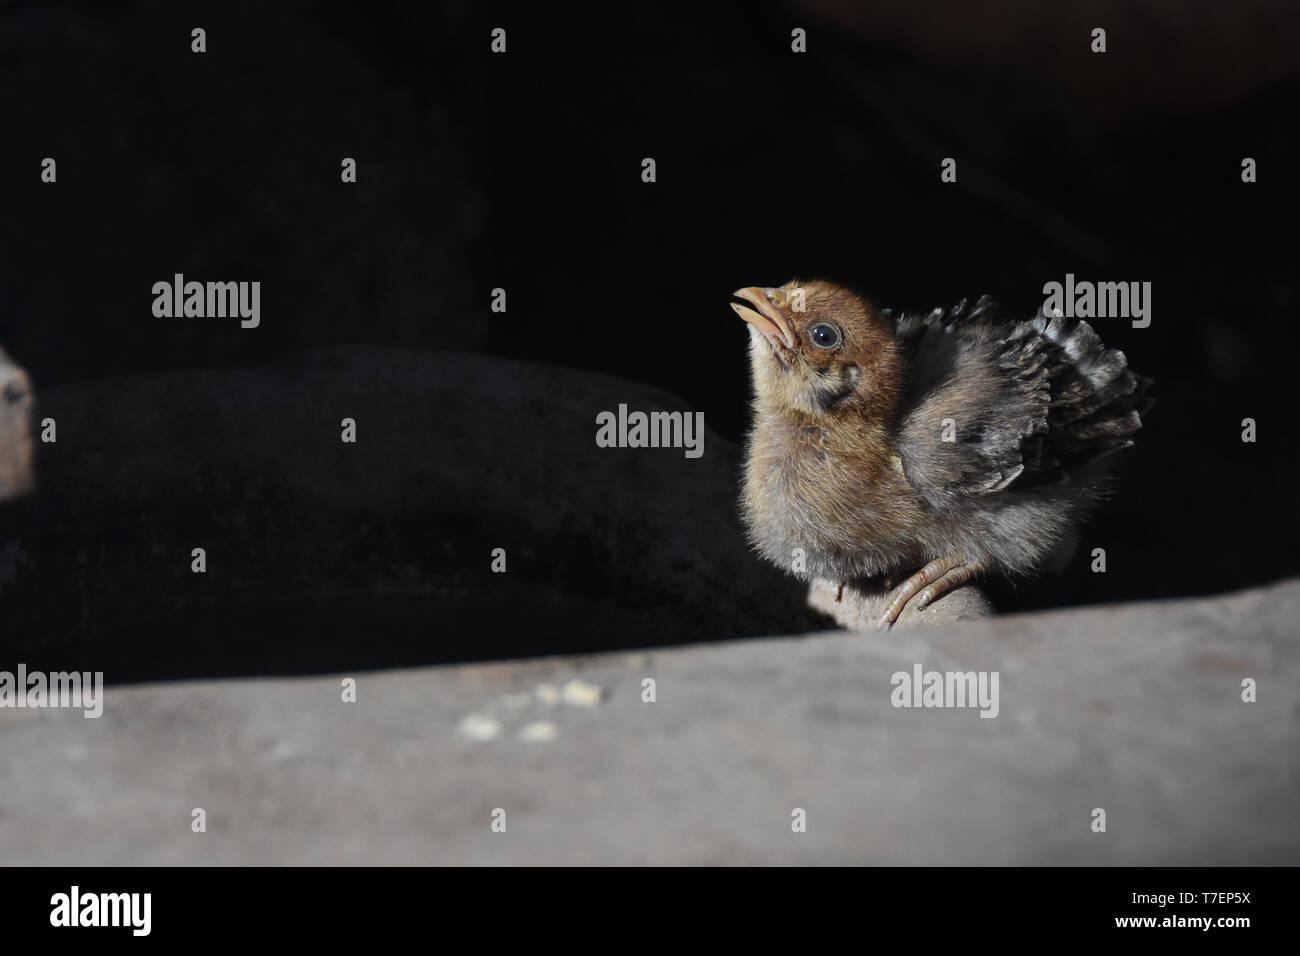 Hohe Betrachtungswinkel von Baby Huhn sitzend auf Stein Stockbild